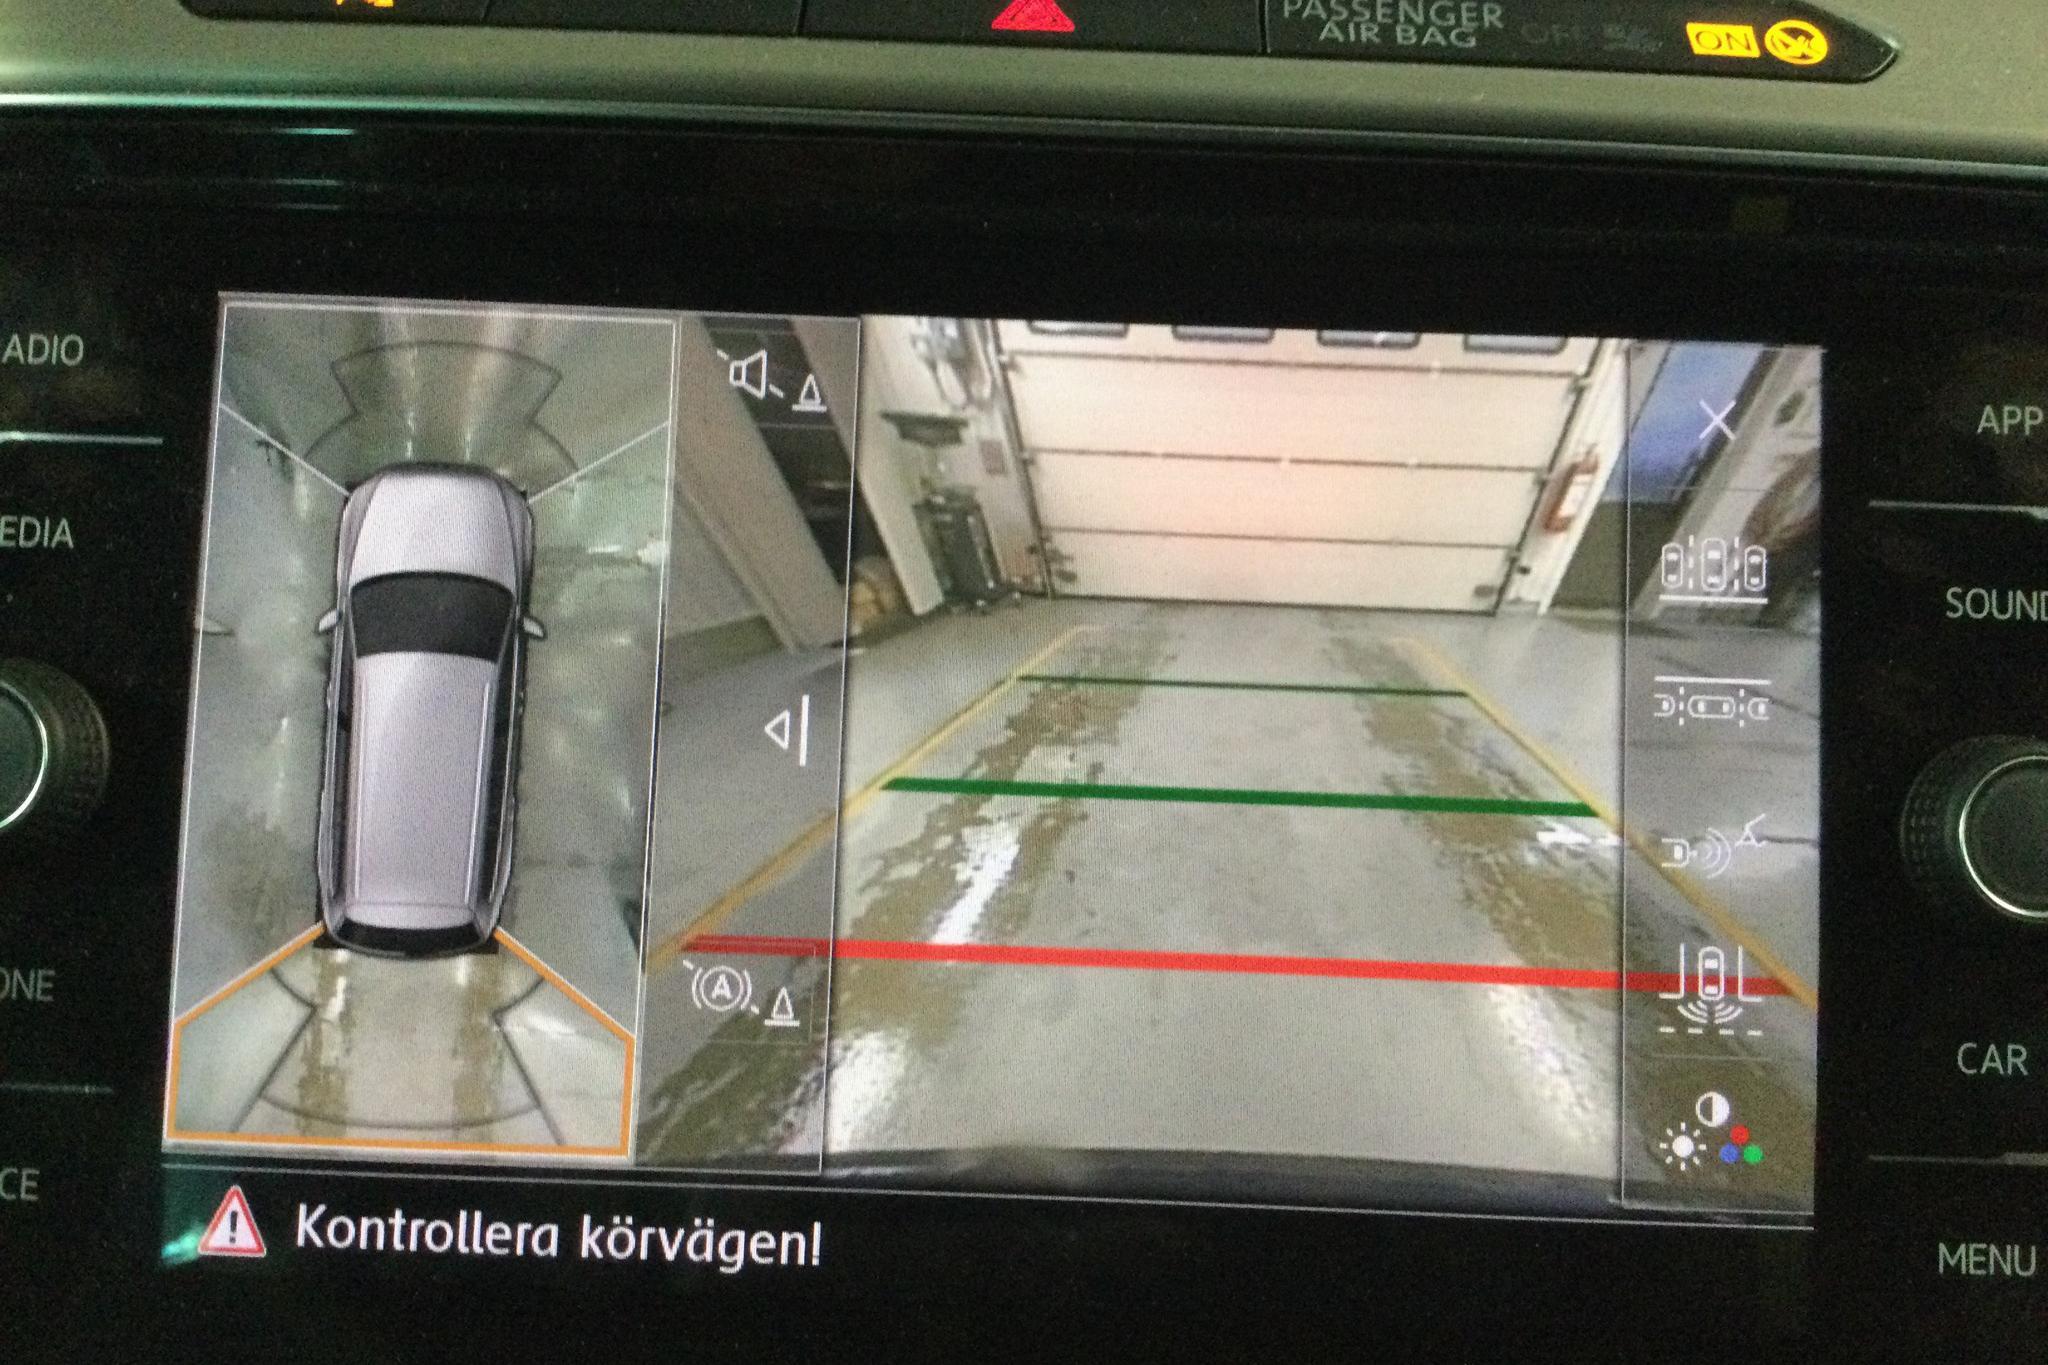 VW Passat 2.0 TDI Sportscombi (190hk) - 14 652 mil - Automat - Dark Blue - 2018